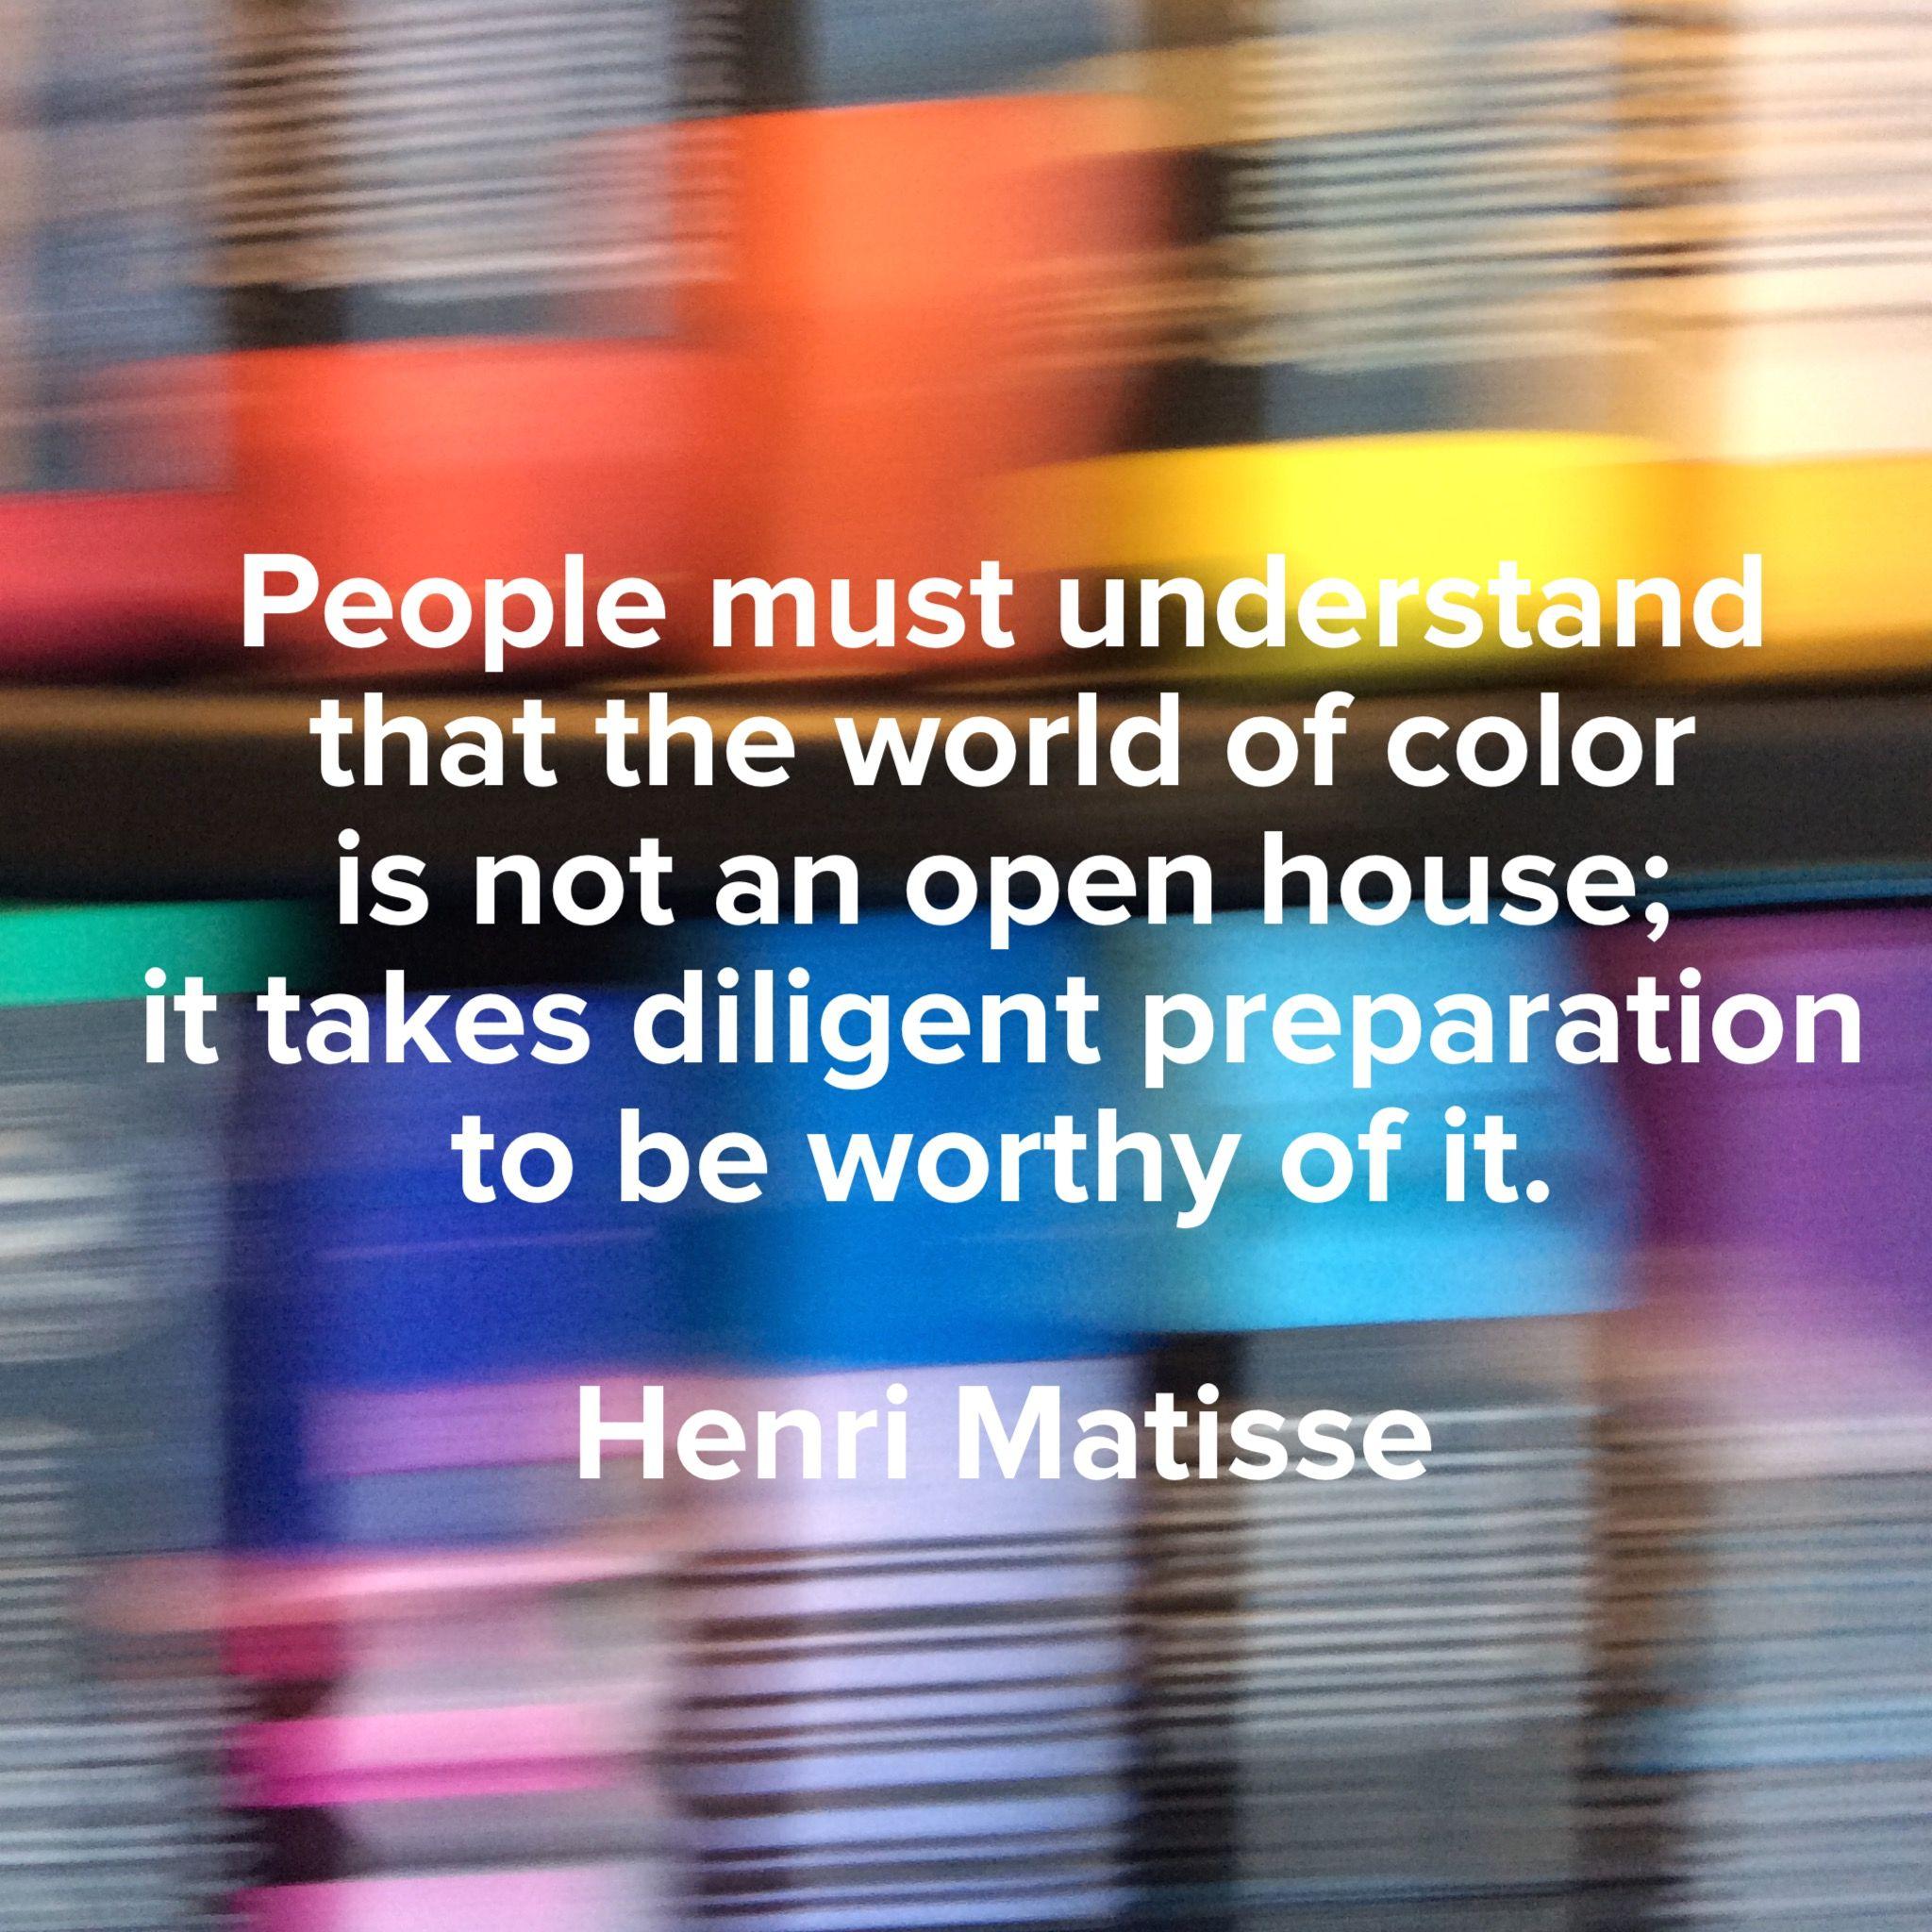 #Matisse #quote on my photo. colorcatstudios.blogspot.com colorcatstudios101.etsy.com #colrcatstudios